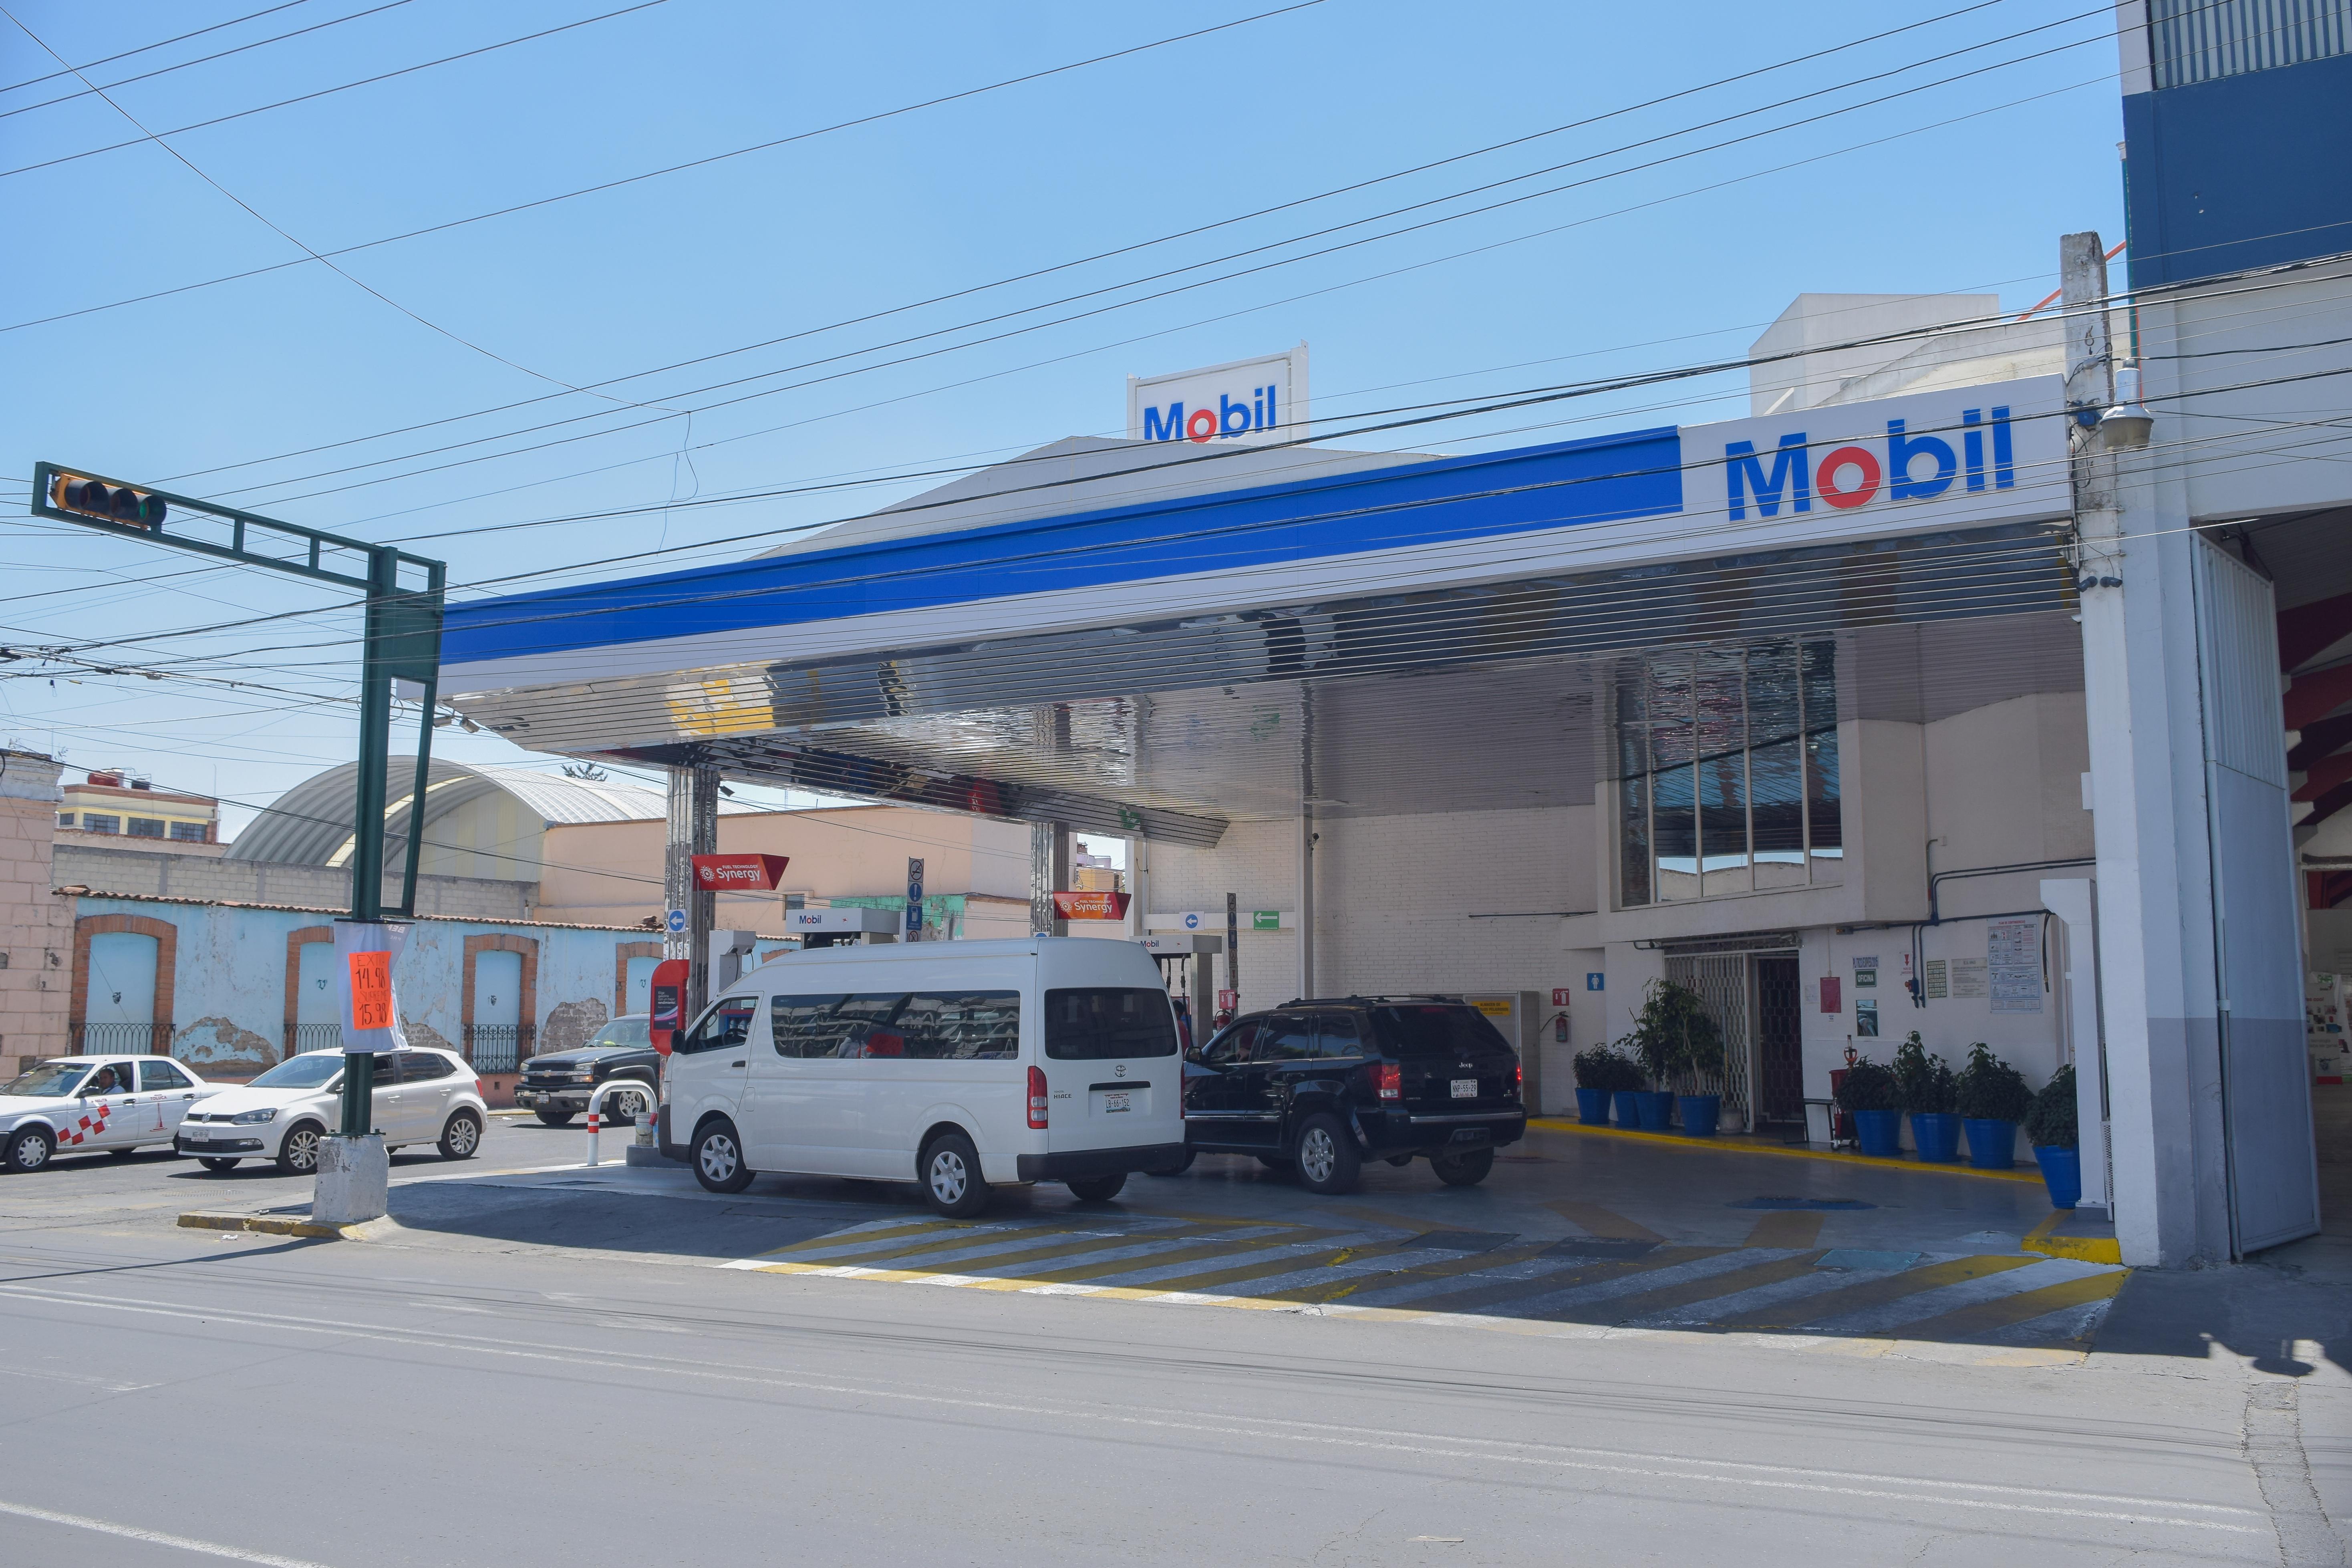 Las 10 gasolineras más baratas de Toluca y Metepec para este viernes